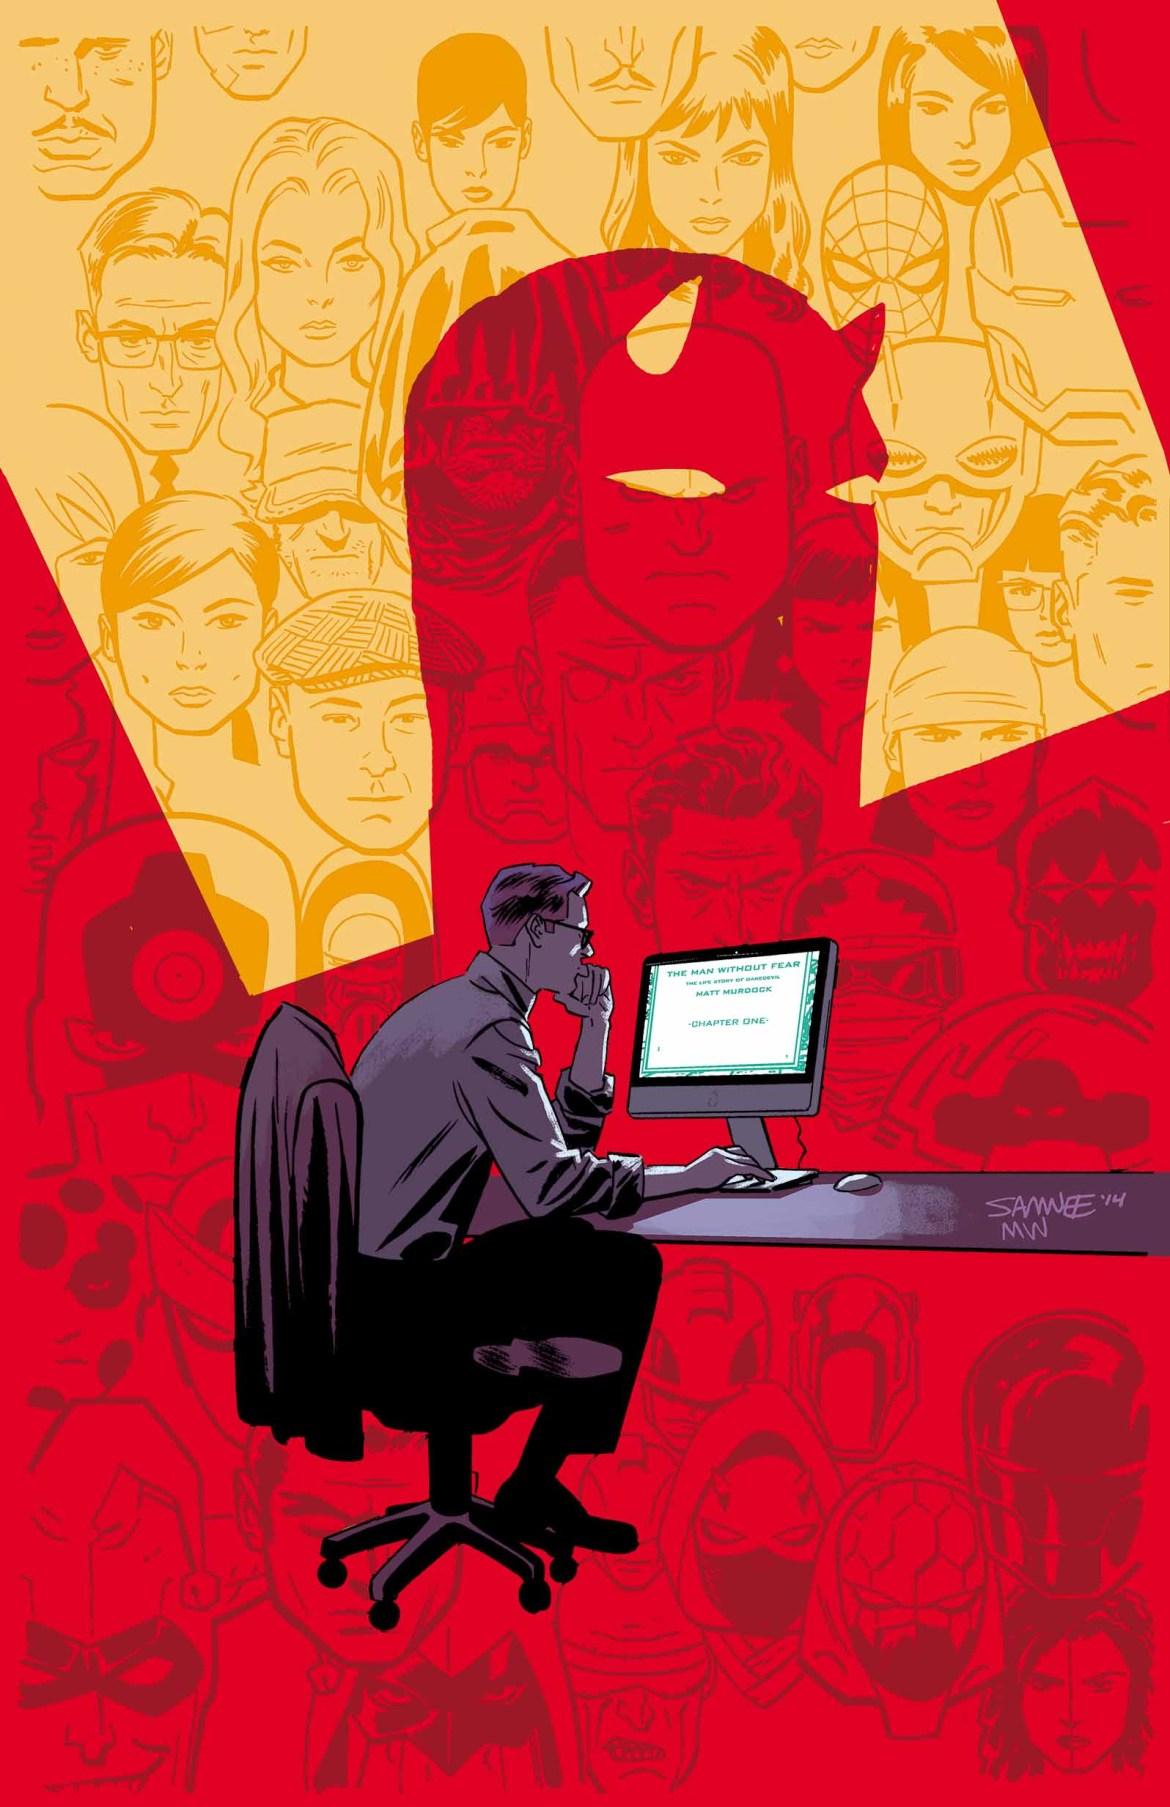 Daredevil_15.1_Cover Experience 50 years of Matt Murdock in DAREDEVIL #15.1